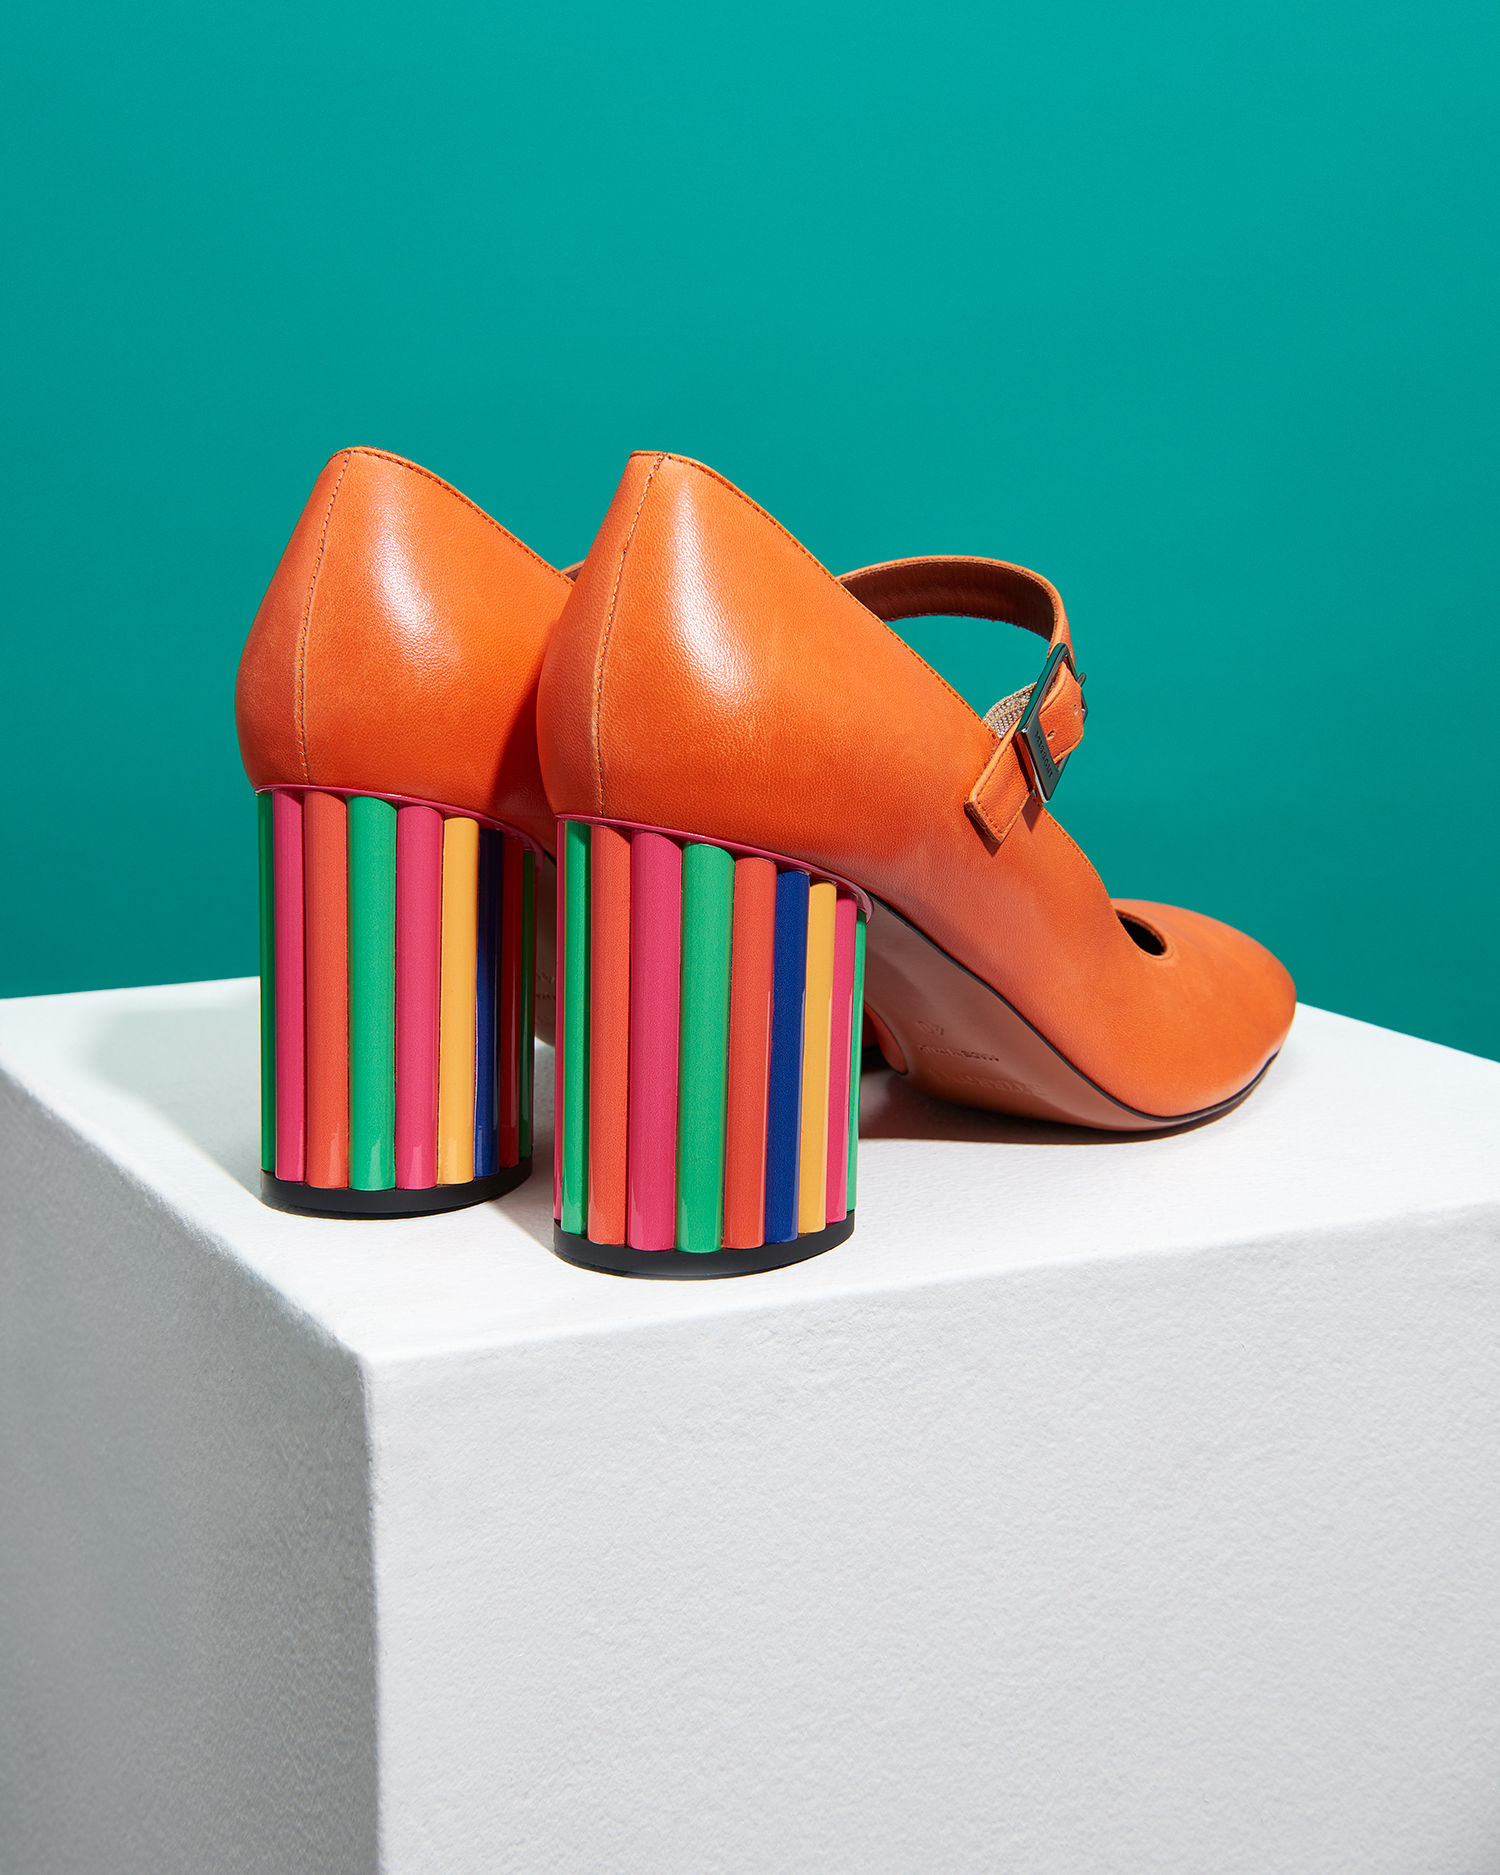 Footwear News_3690 copy.jpg